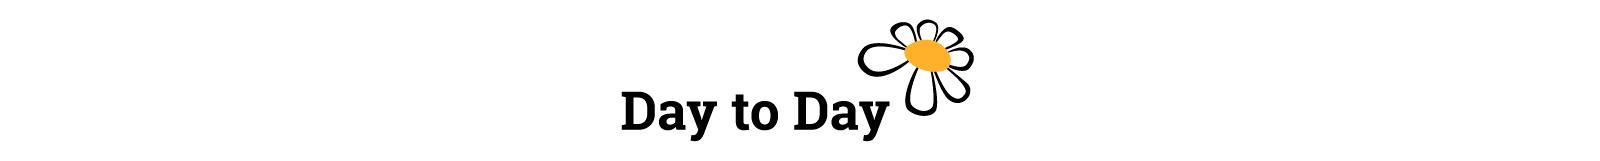 Day-to-day-website-logo-by-Fiona-Dunnett.jpg